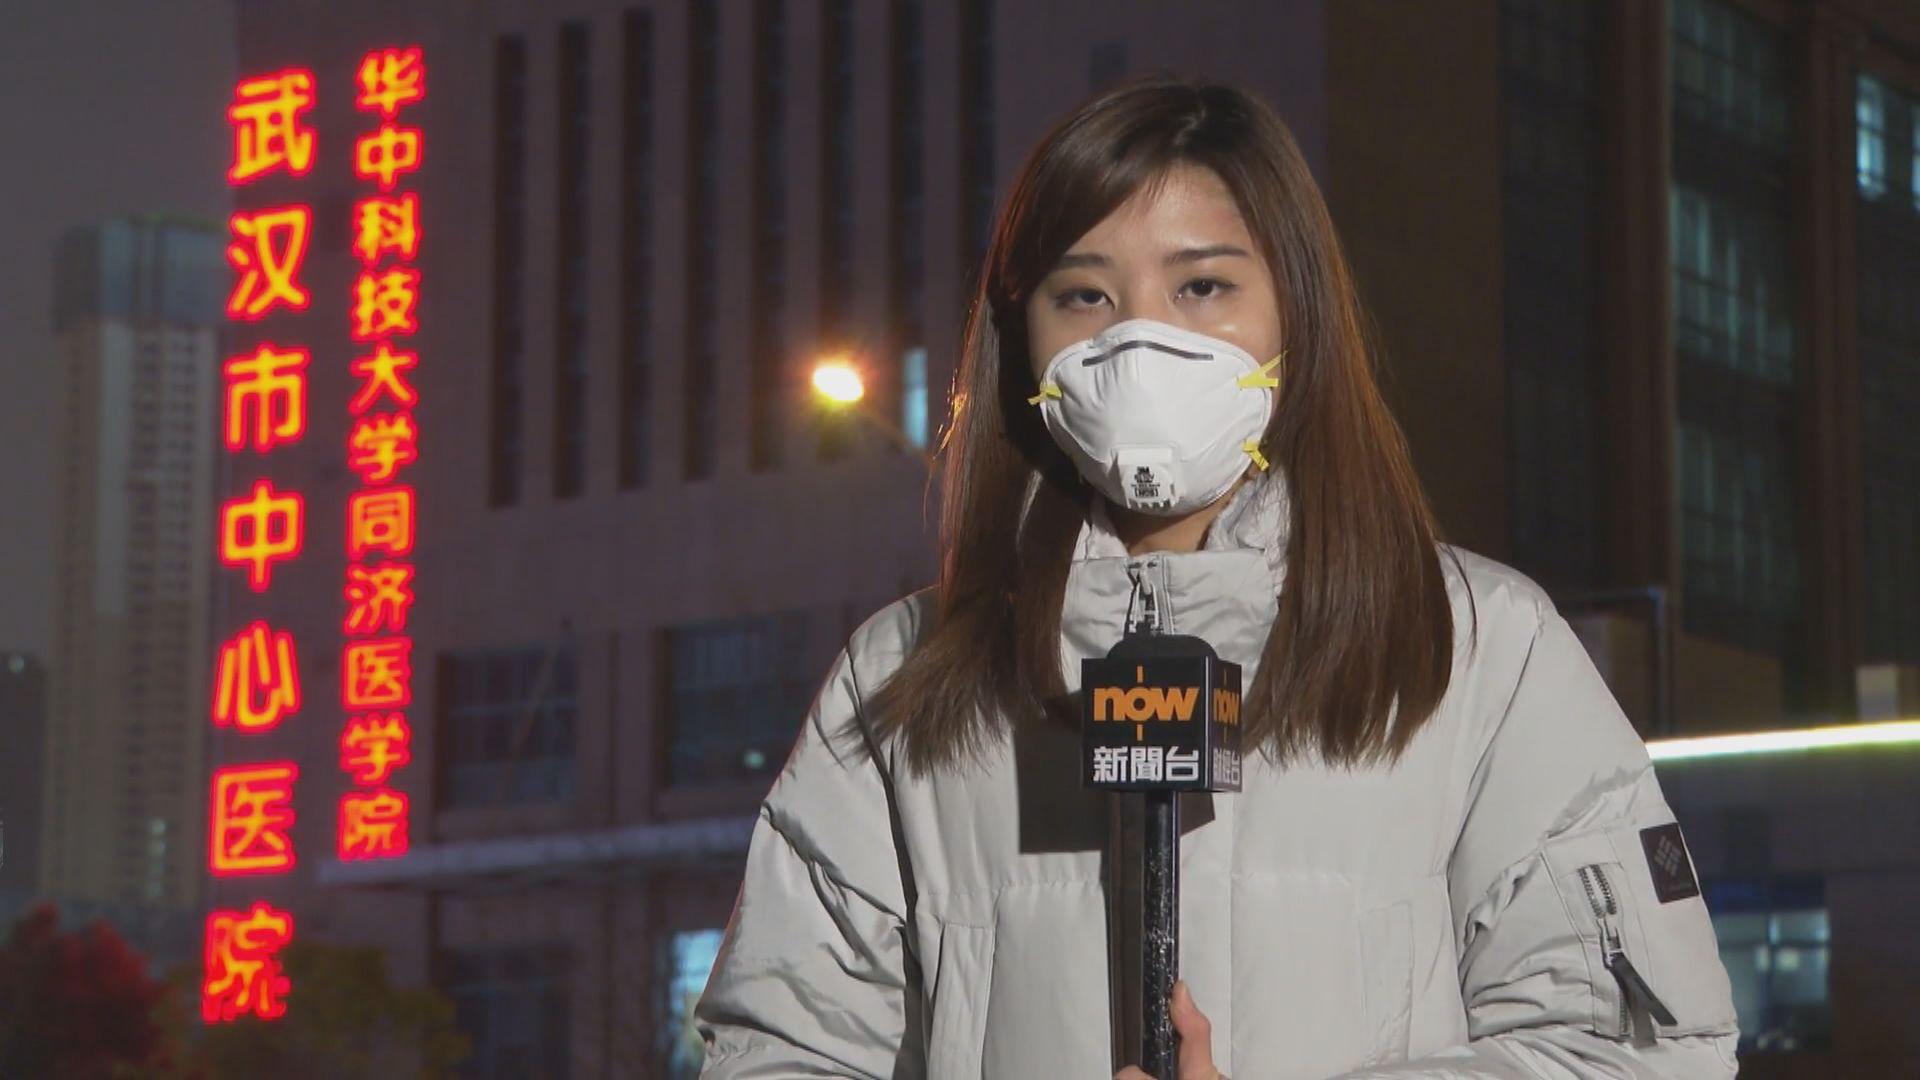 武漢市確診27宗不明肺炎 中央派員調查